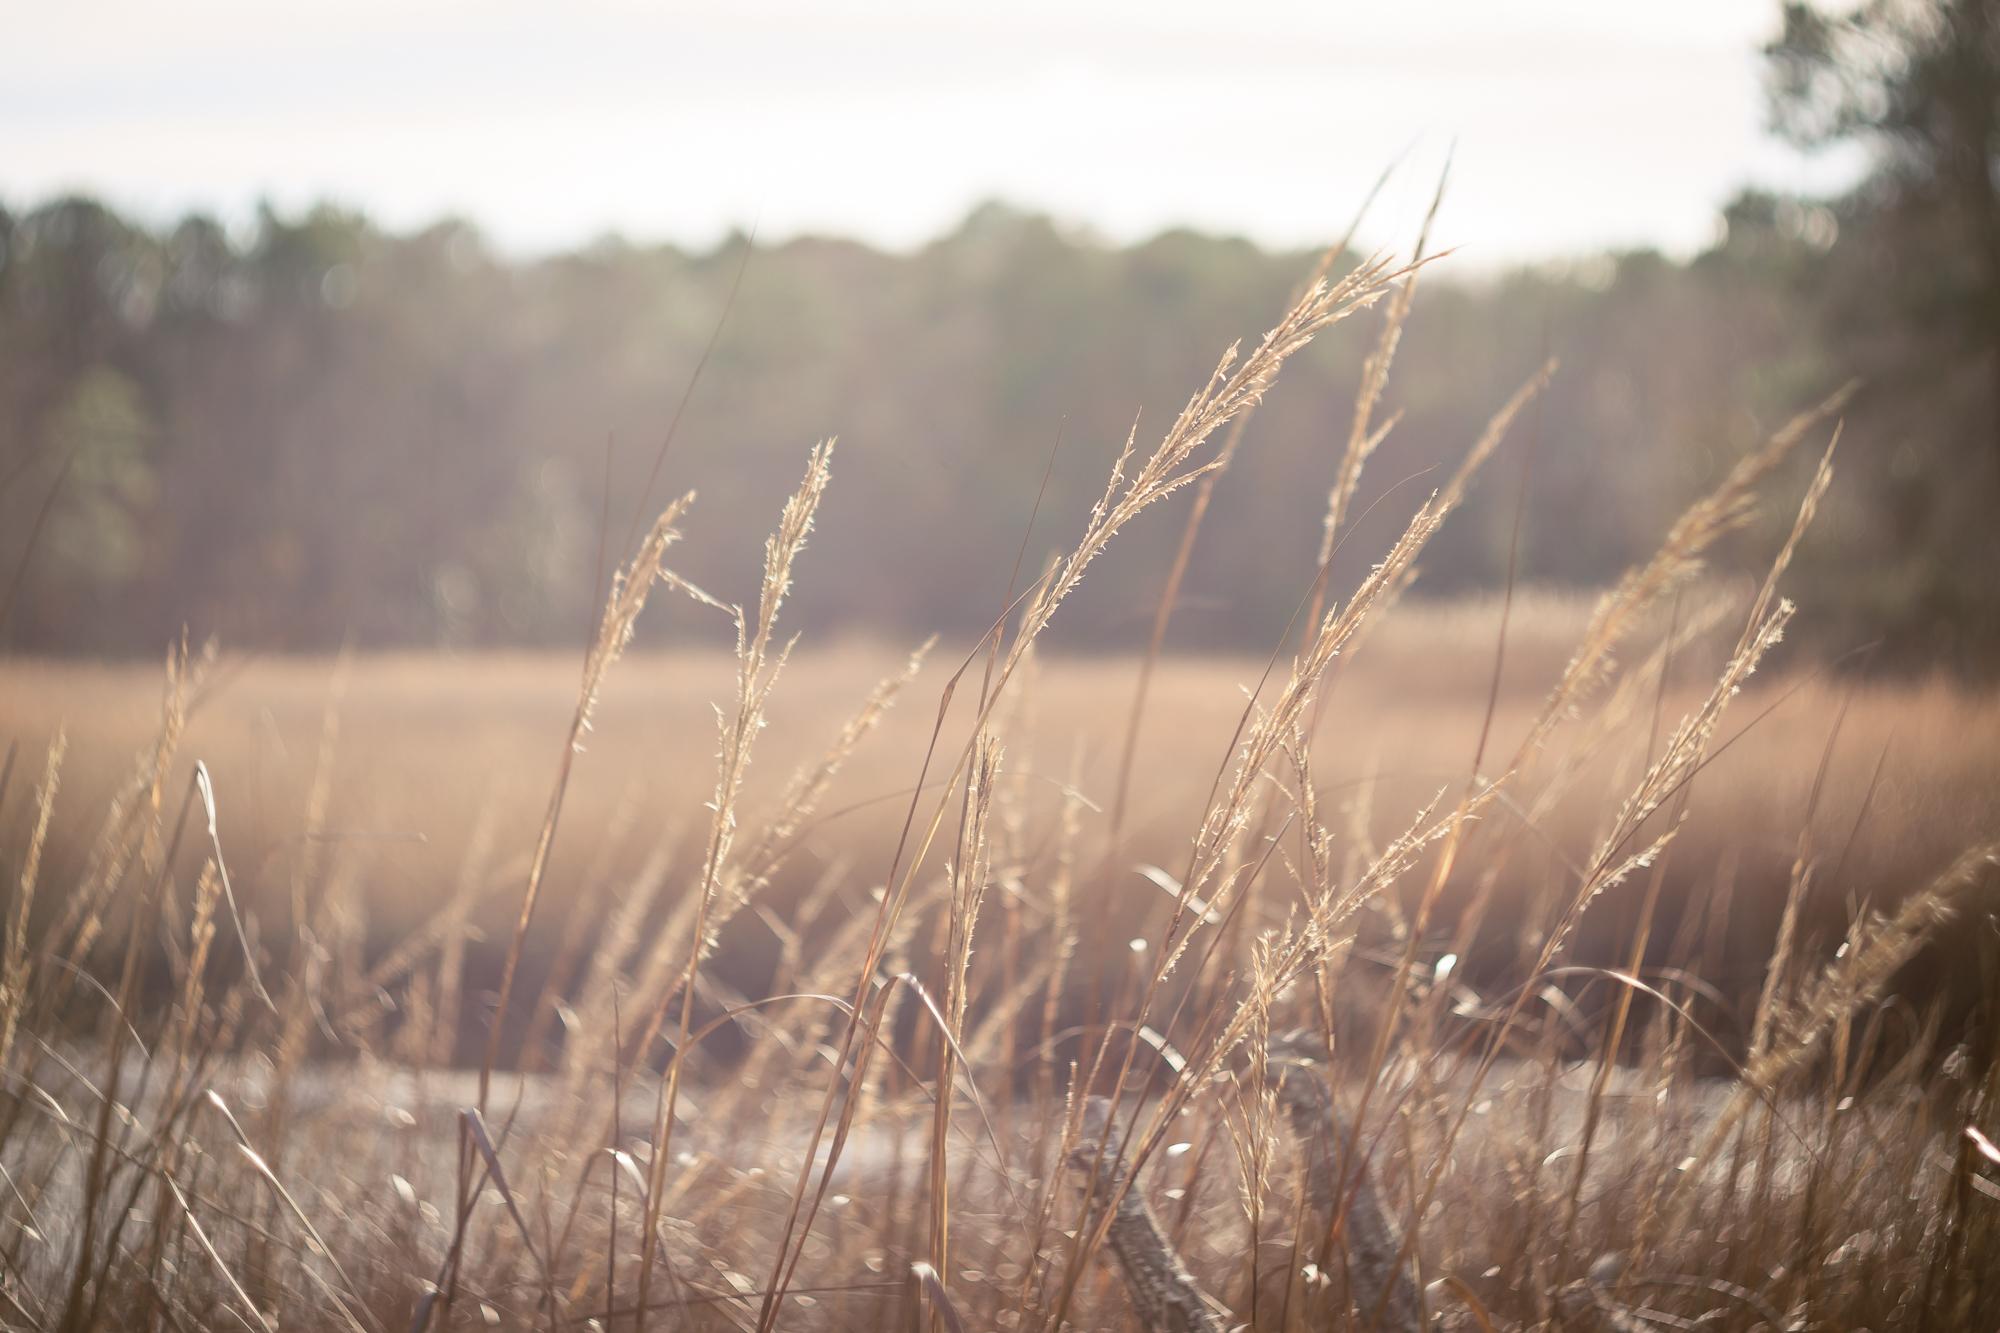 萨福克美术摄影,弗吉尼亚海滩摄影师,温莎城堡公园